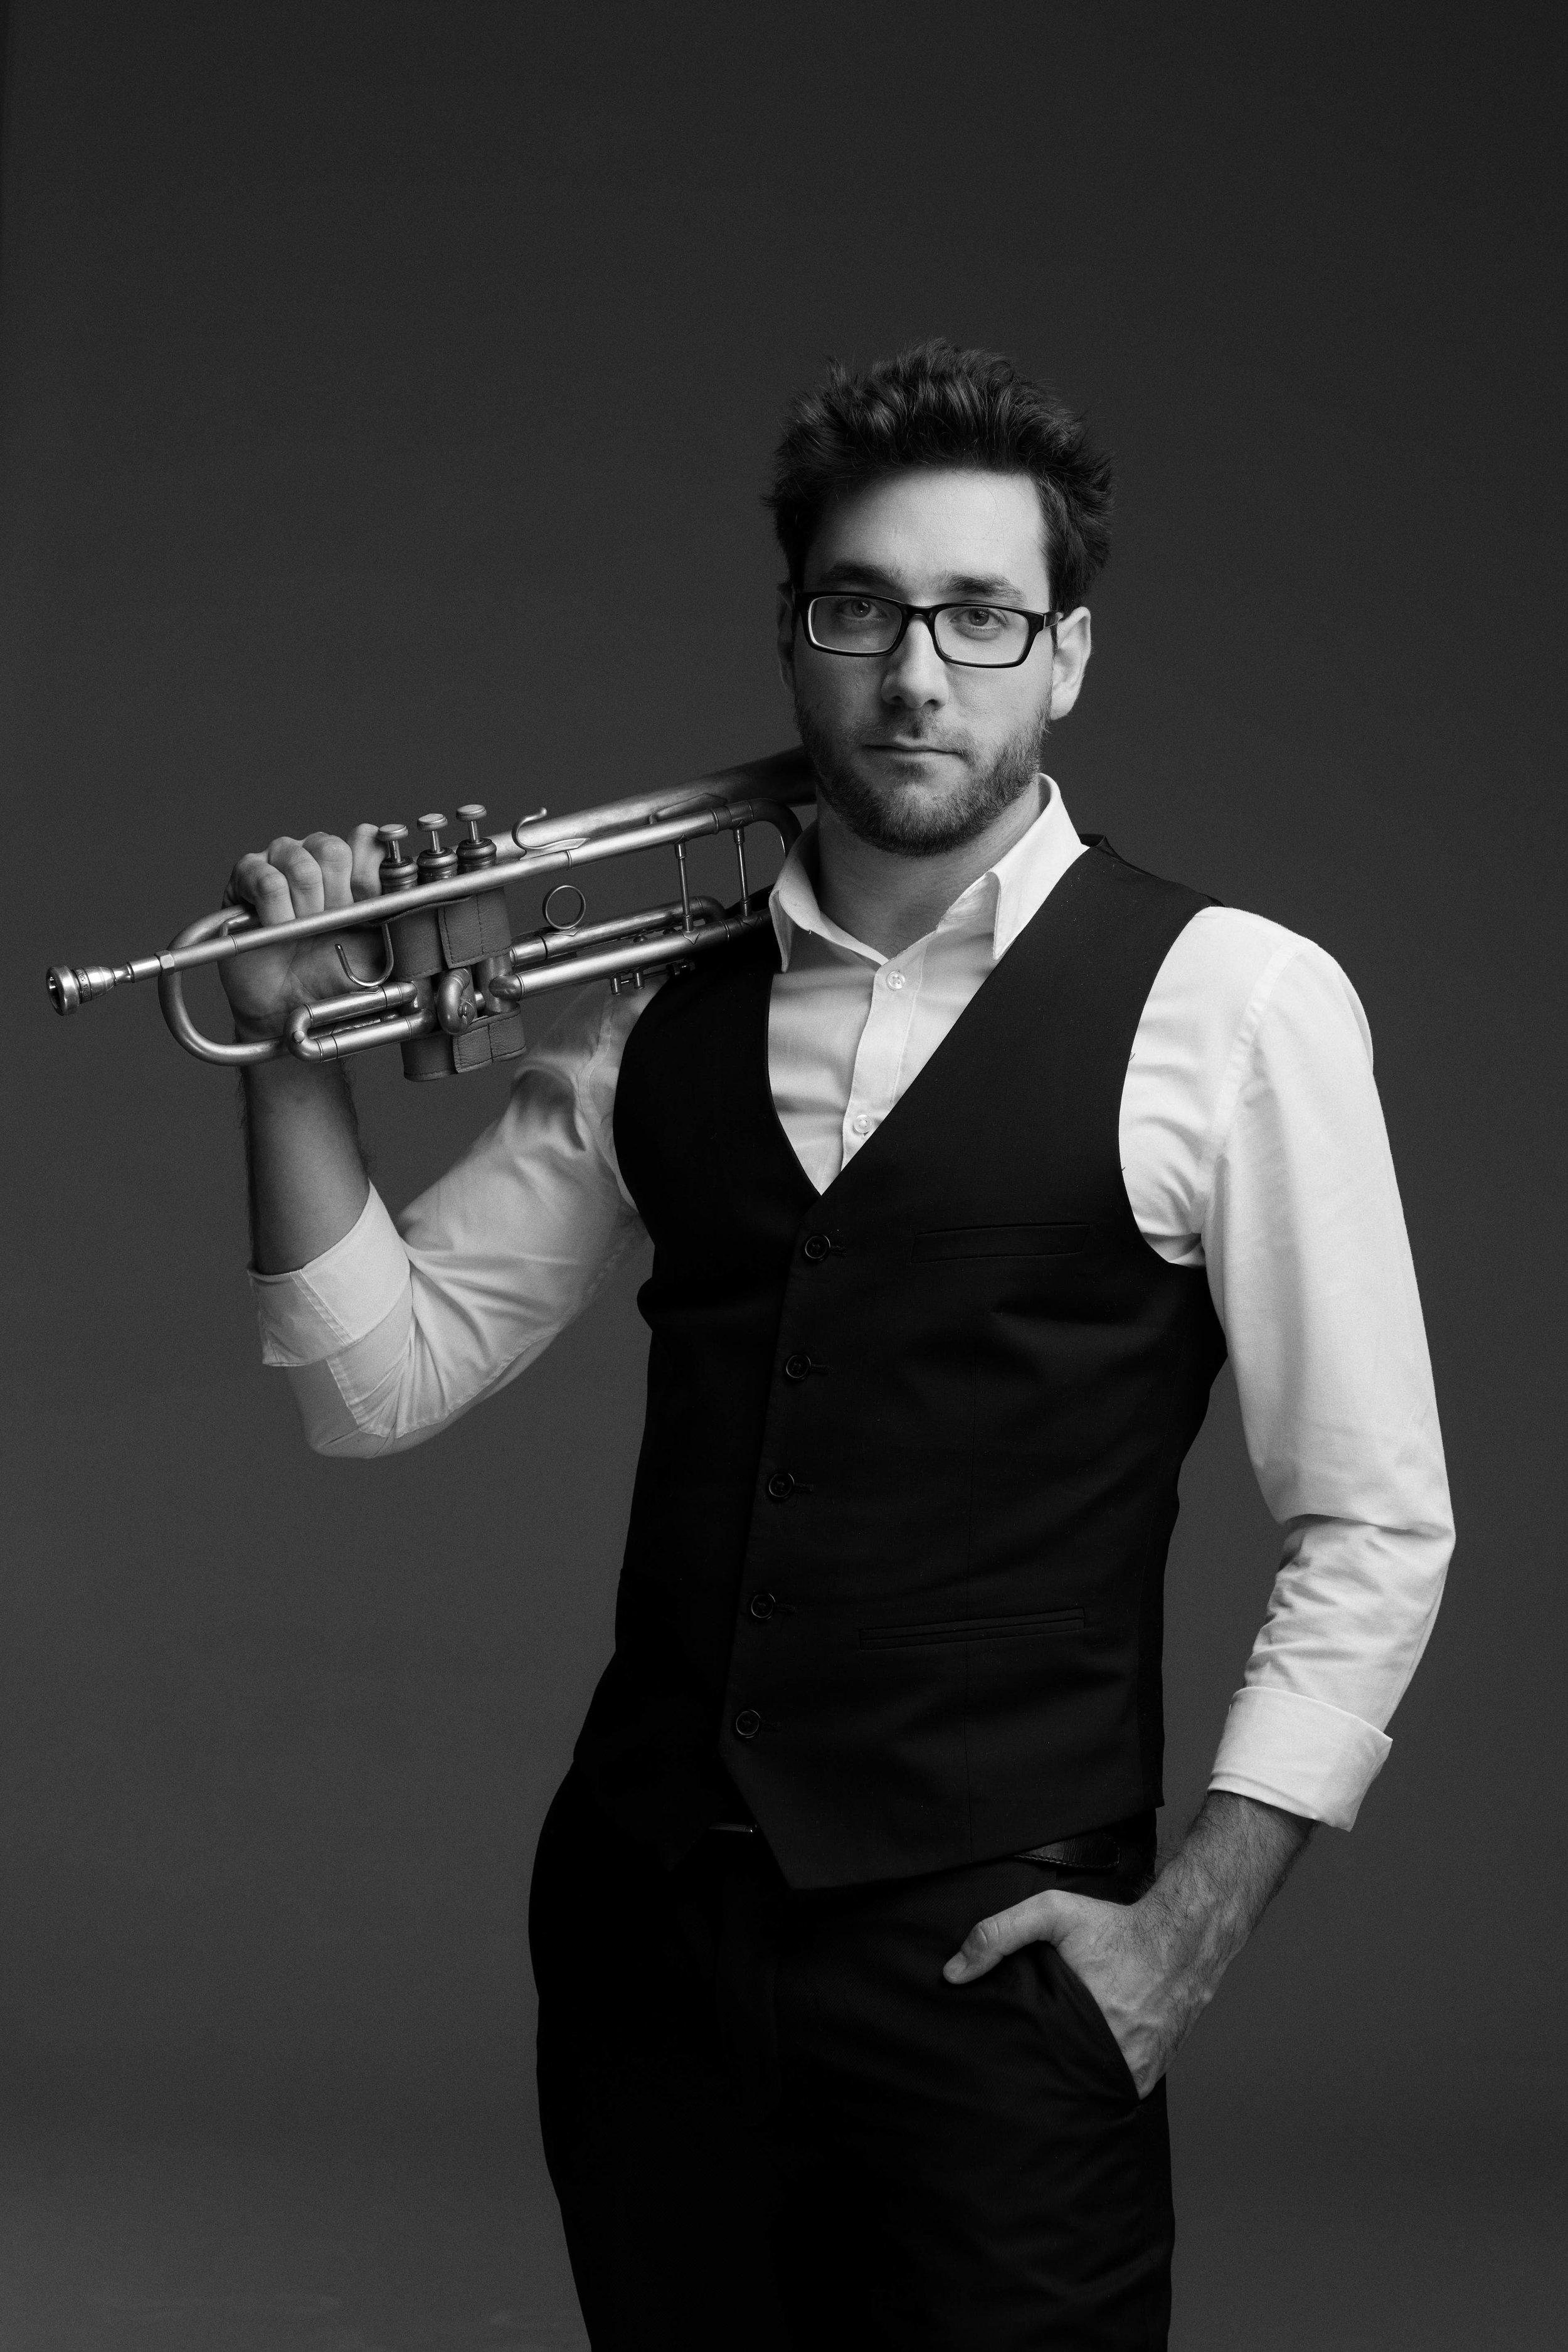 - gergo - trumpet/flugelhorn